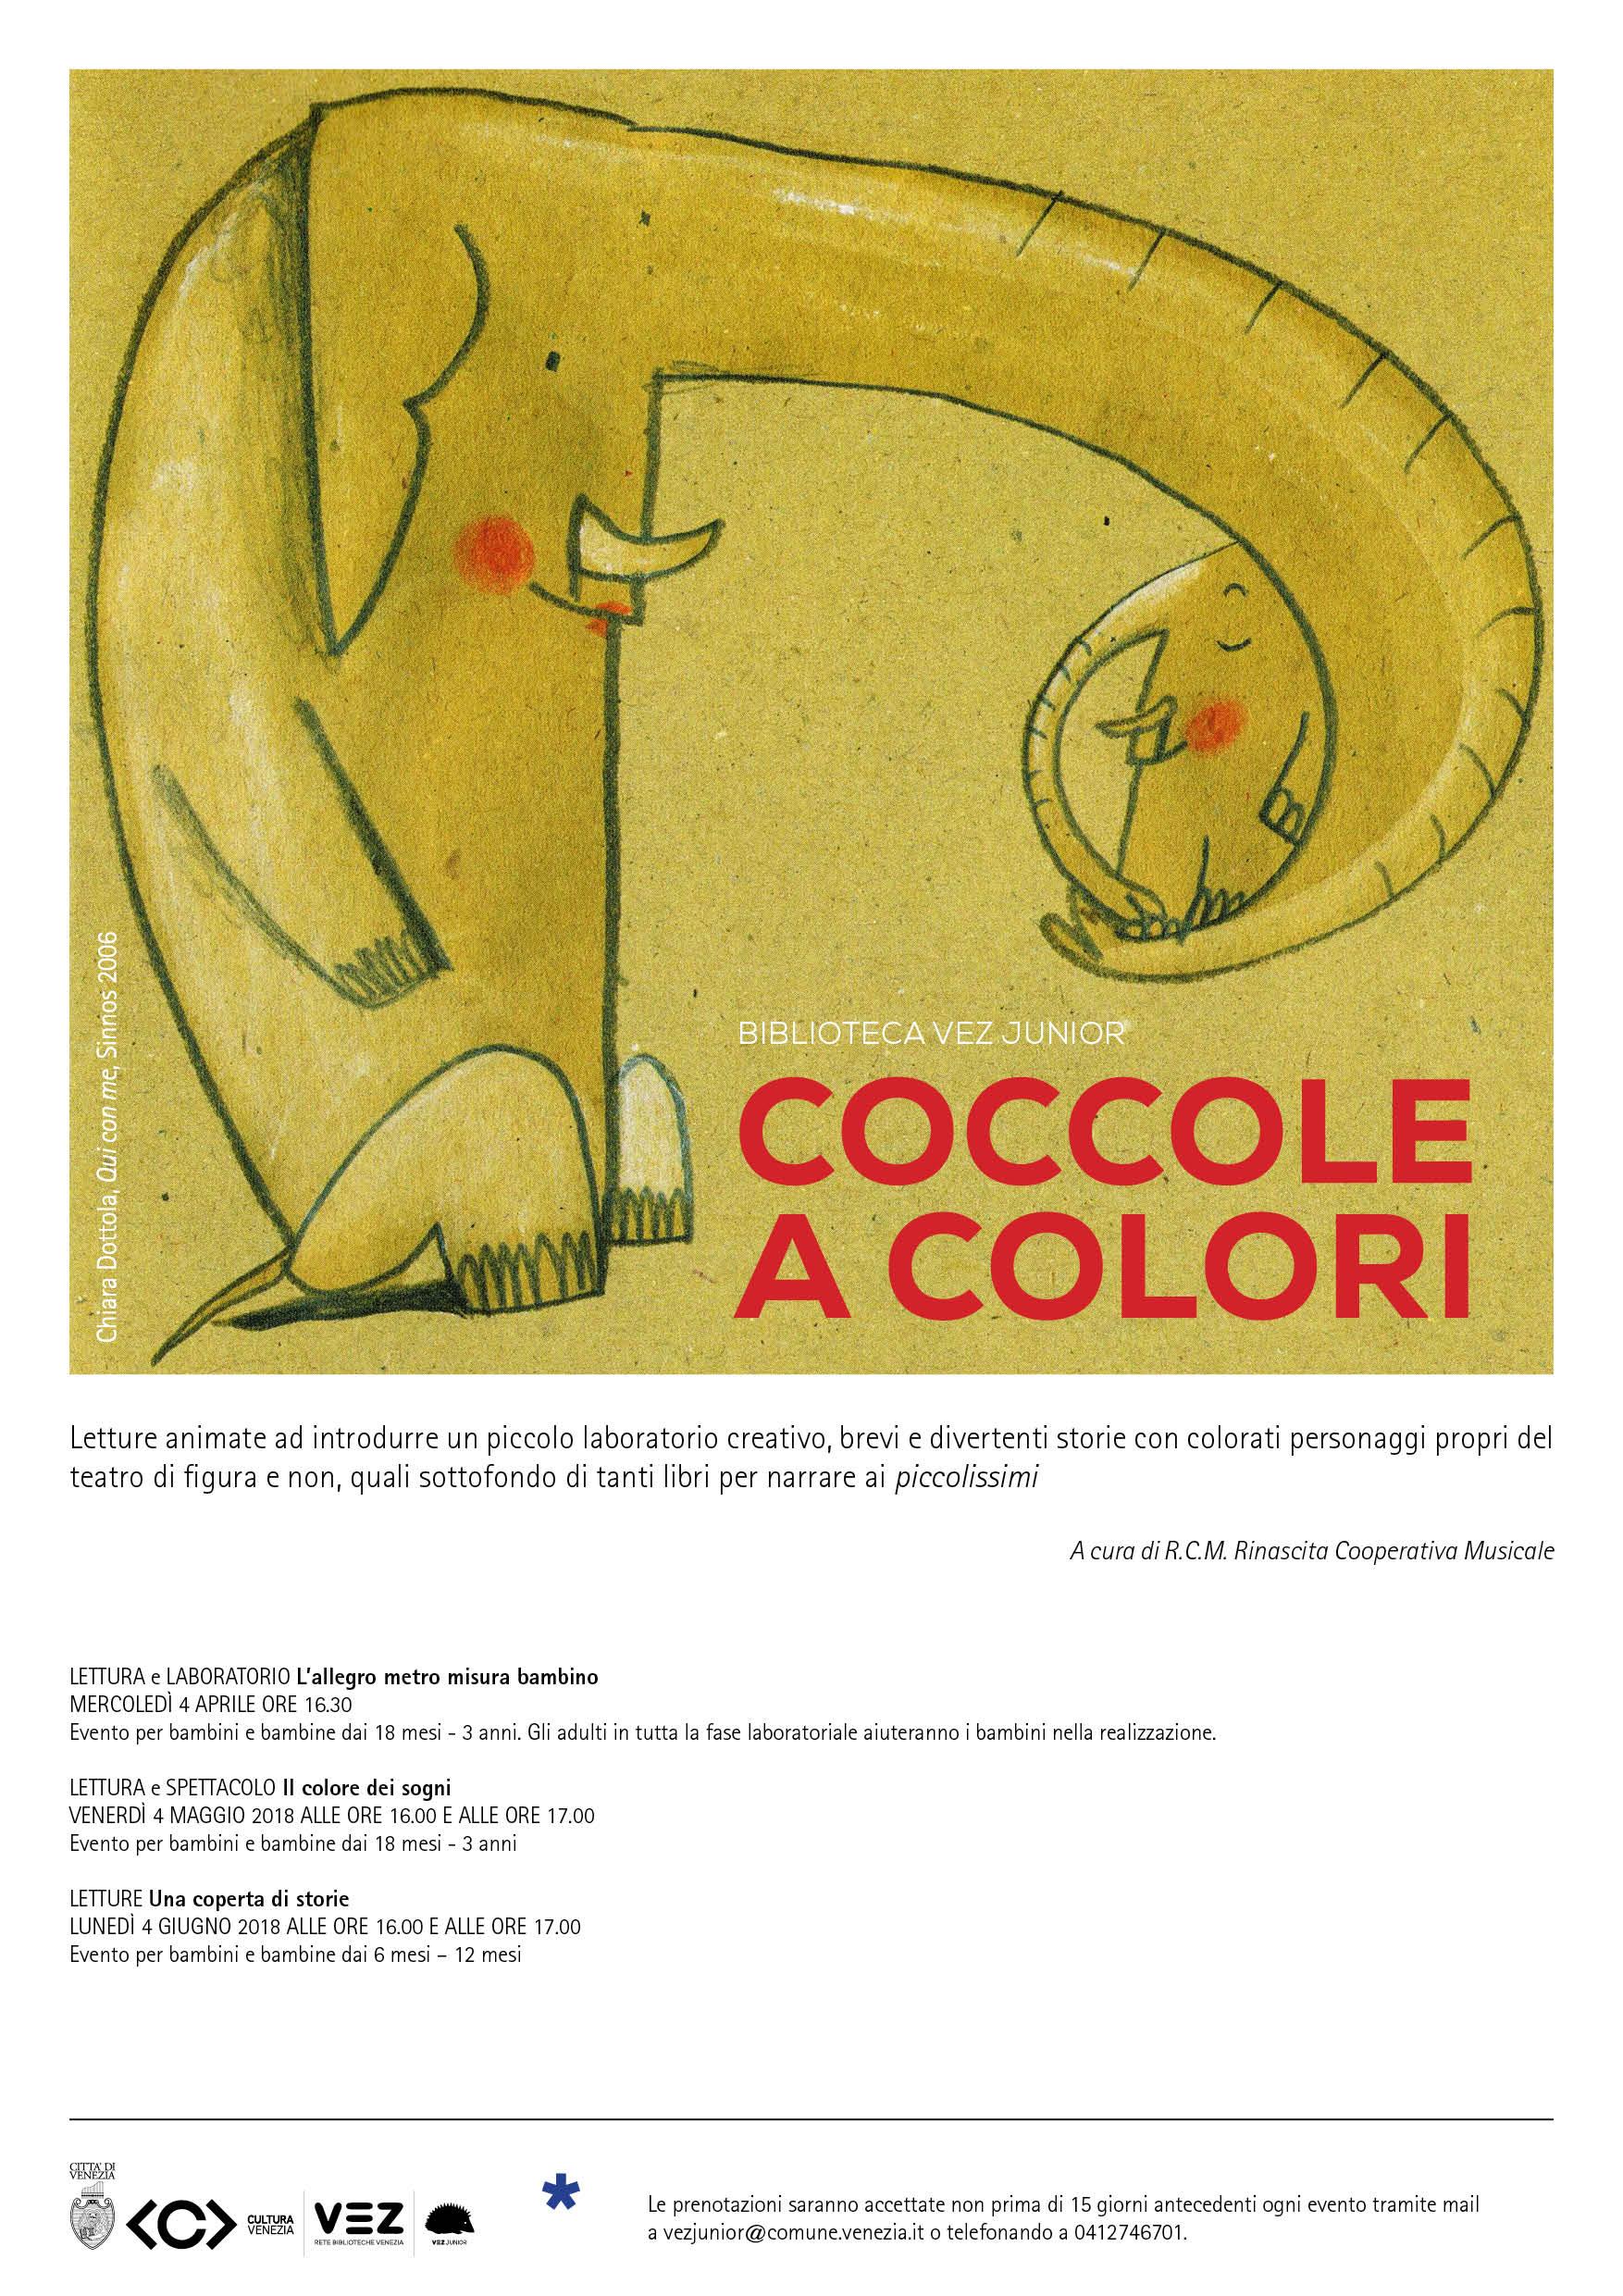 Coccole a colori